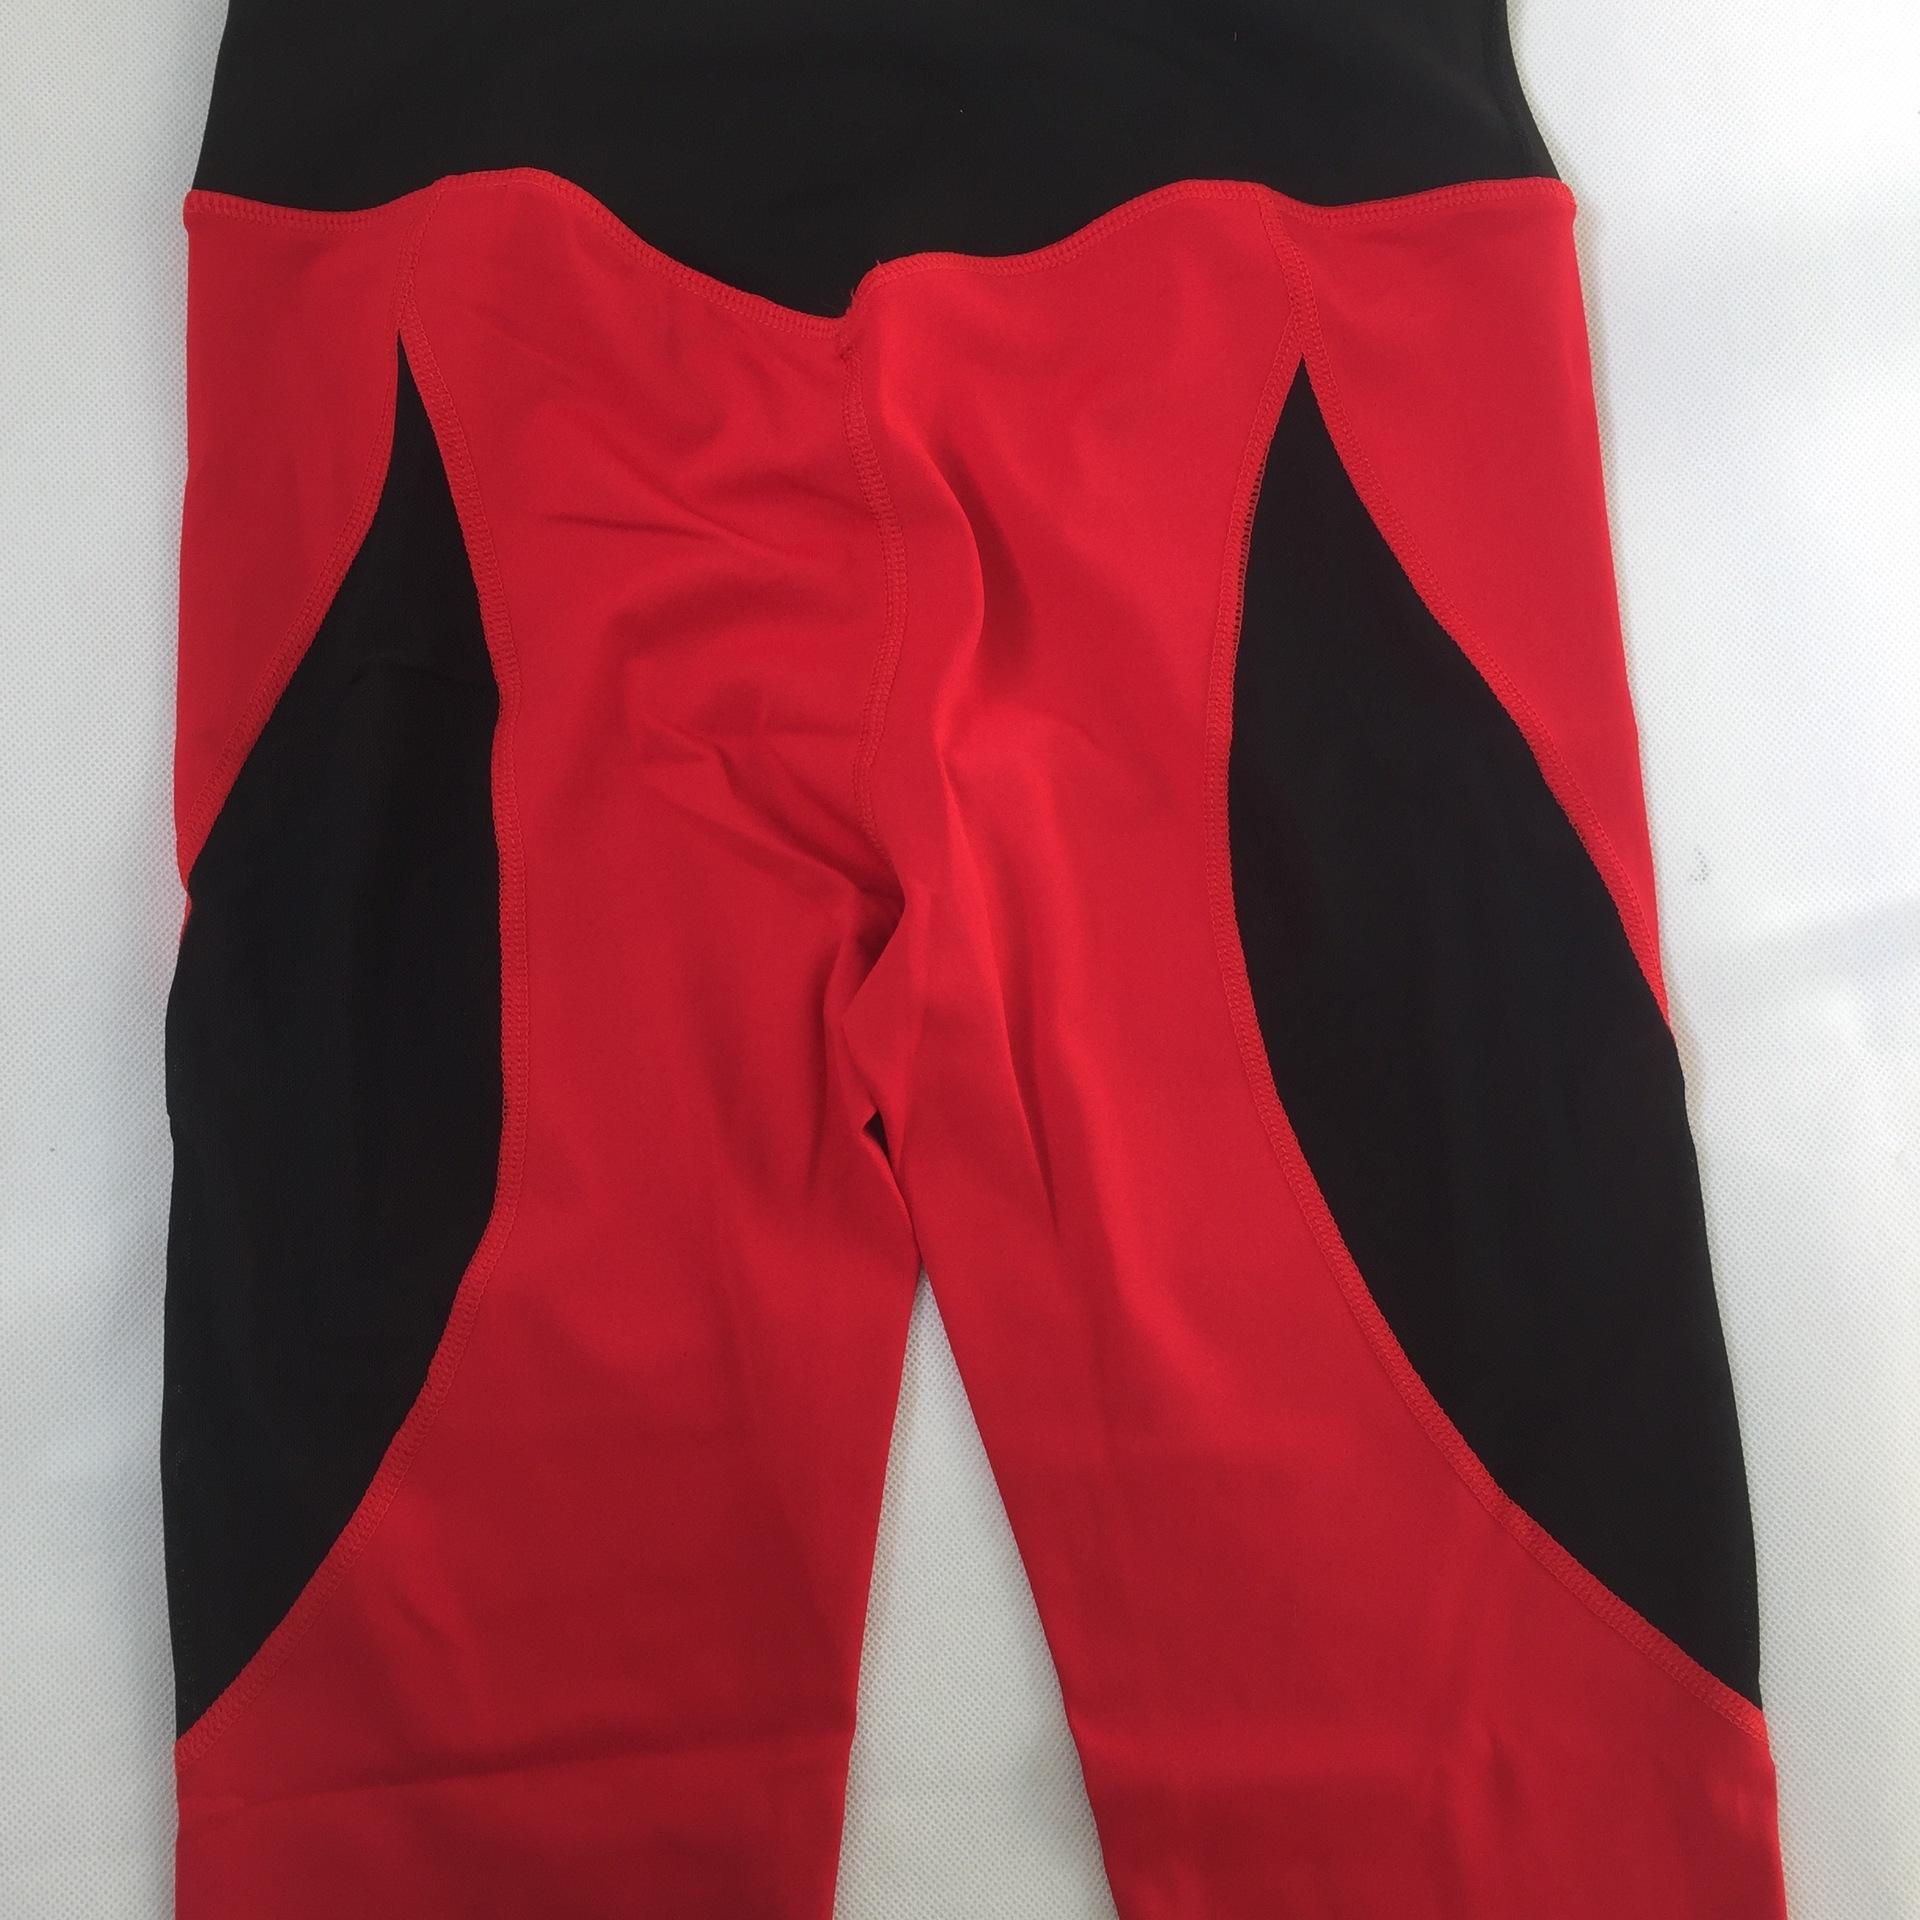 Neue Fitness-Netz schwarz und rot Heben Naht Hüfte Mesh-Yogahosen engen Stretch-Yogahosen laufen